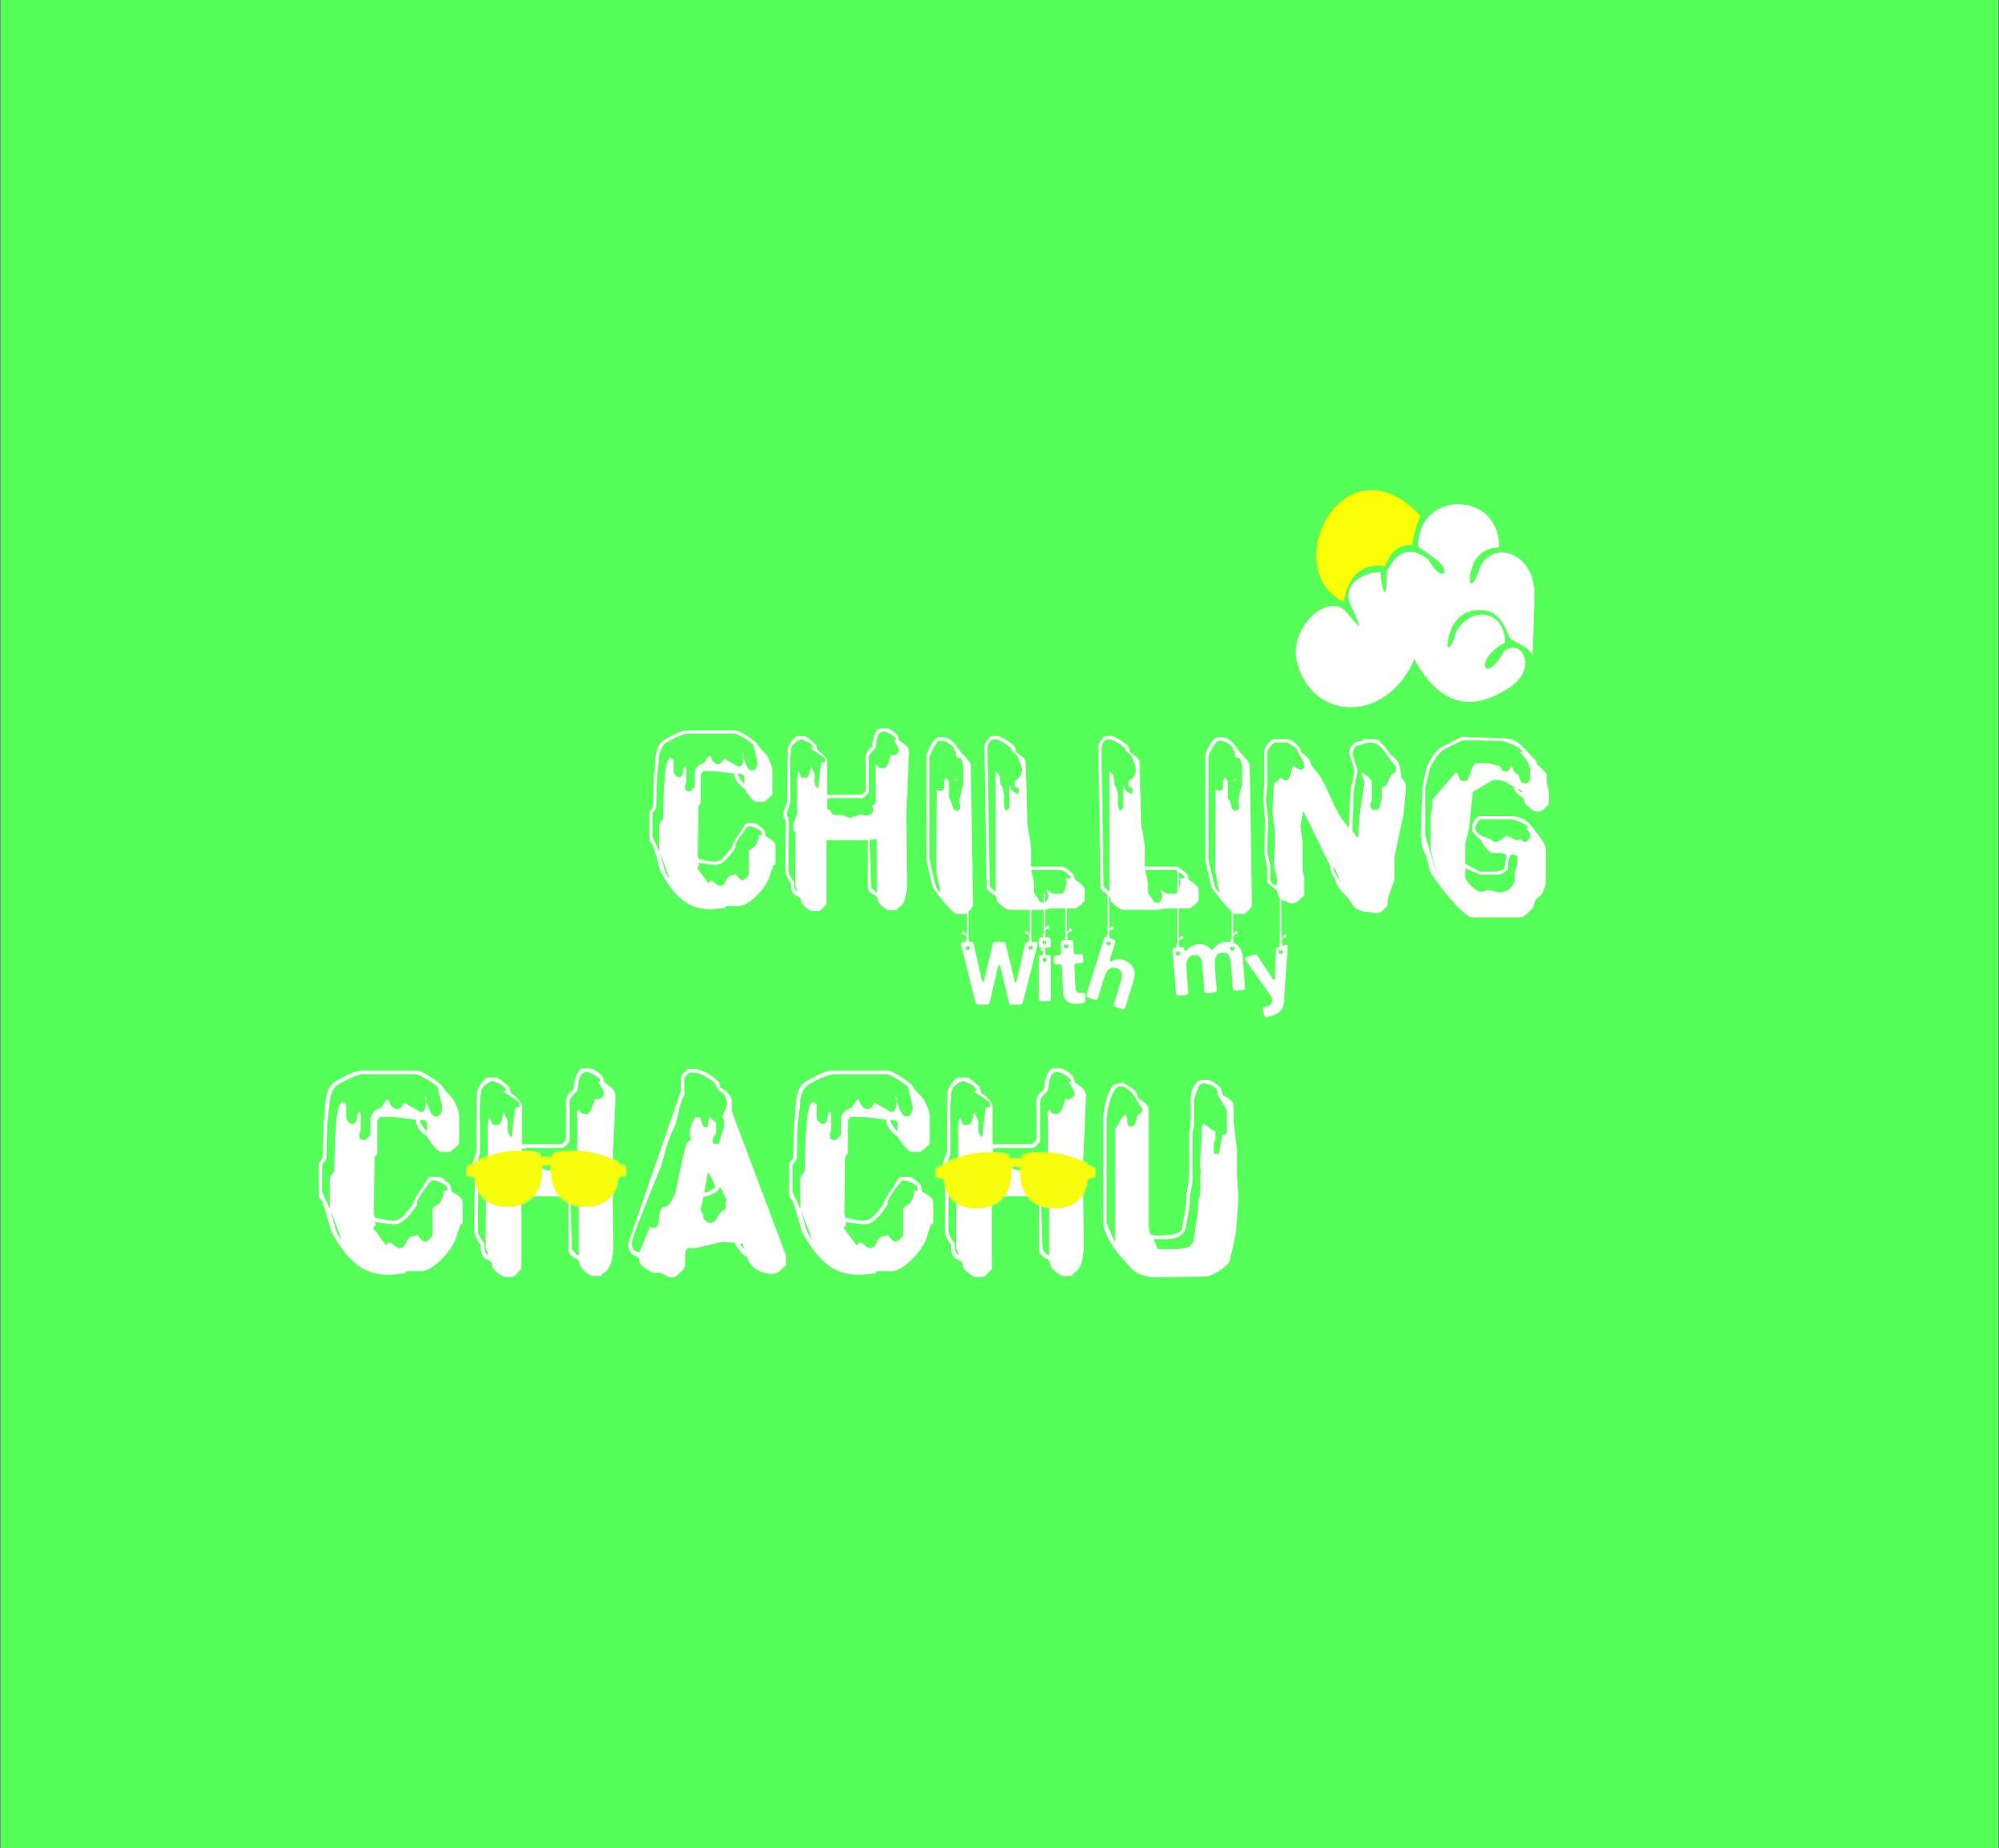 chilling-chachu..1.jpg